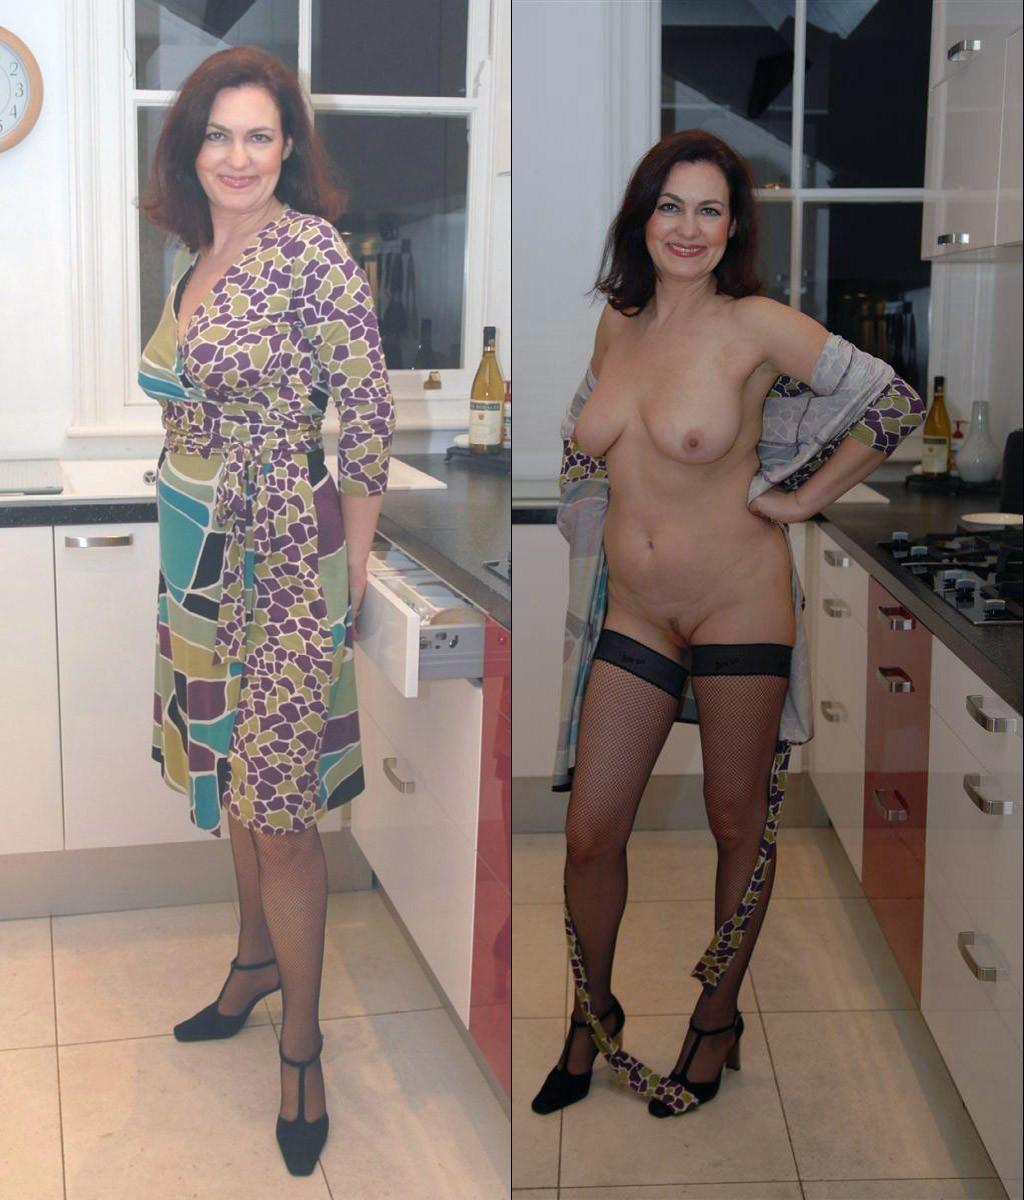 Жены до раздевания и после фото как